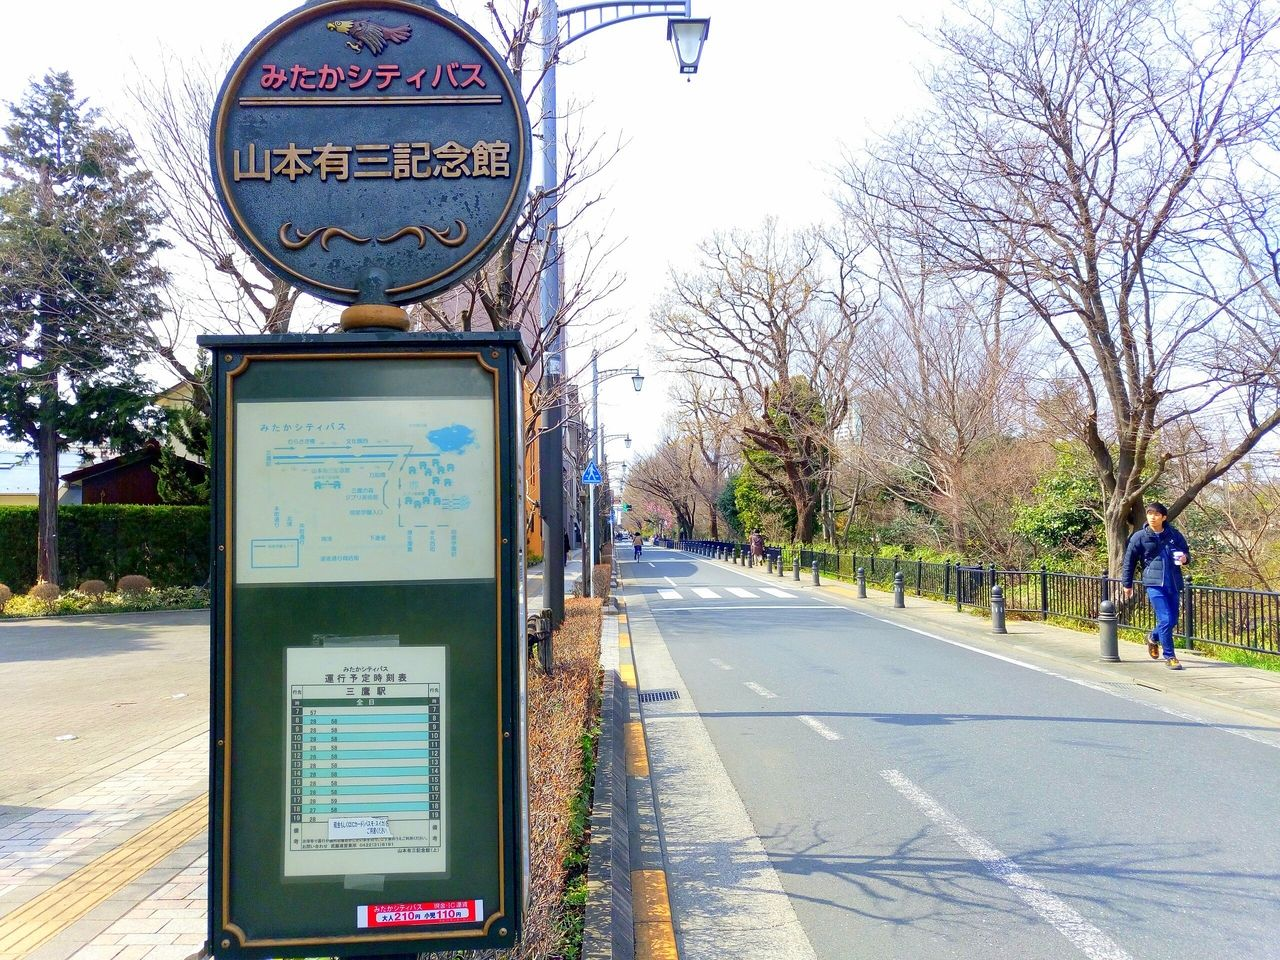 みたかシティバス「山本有三記念館」前